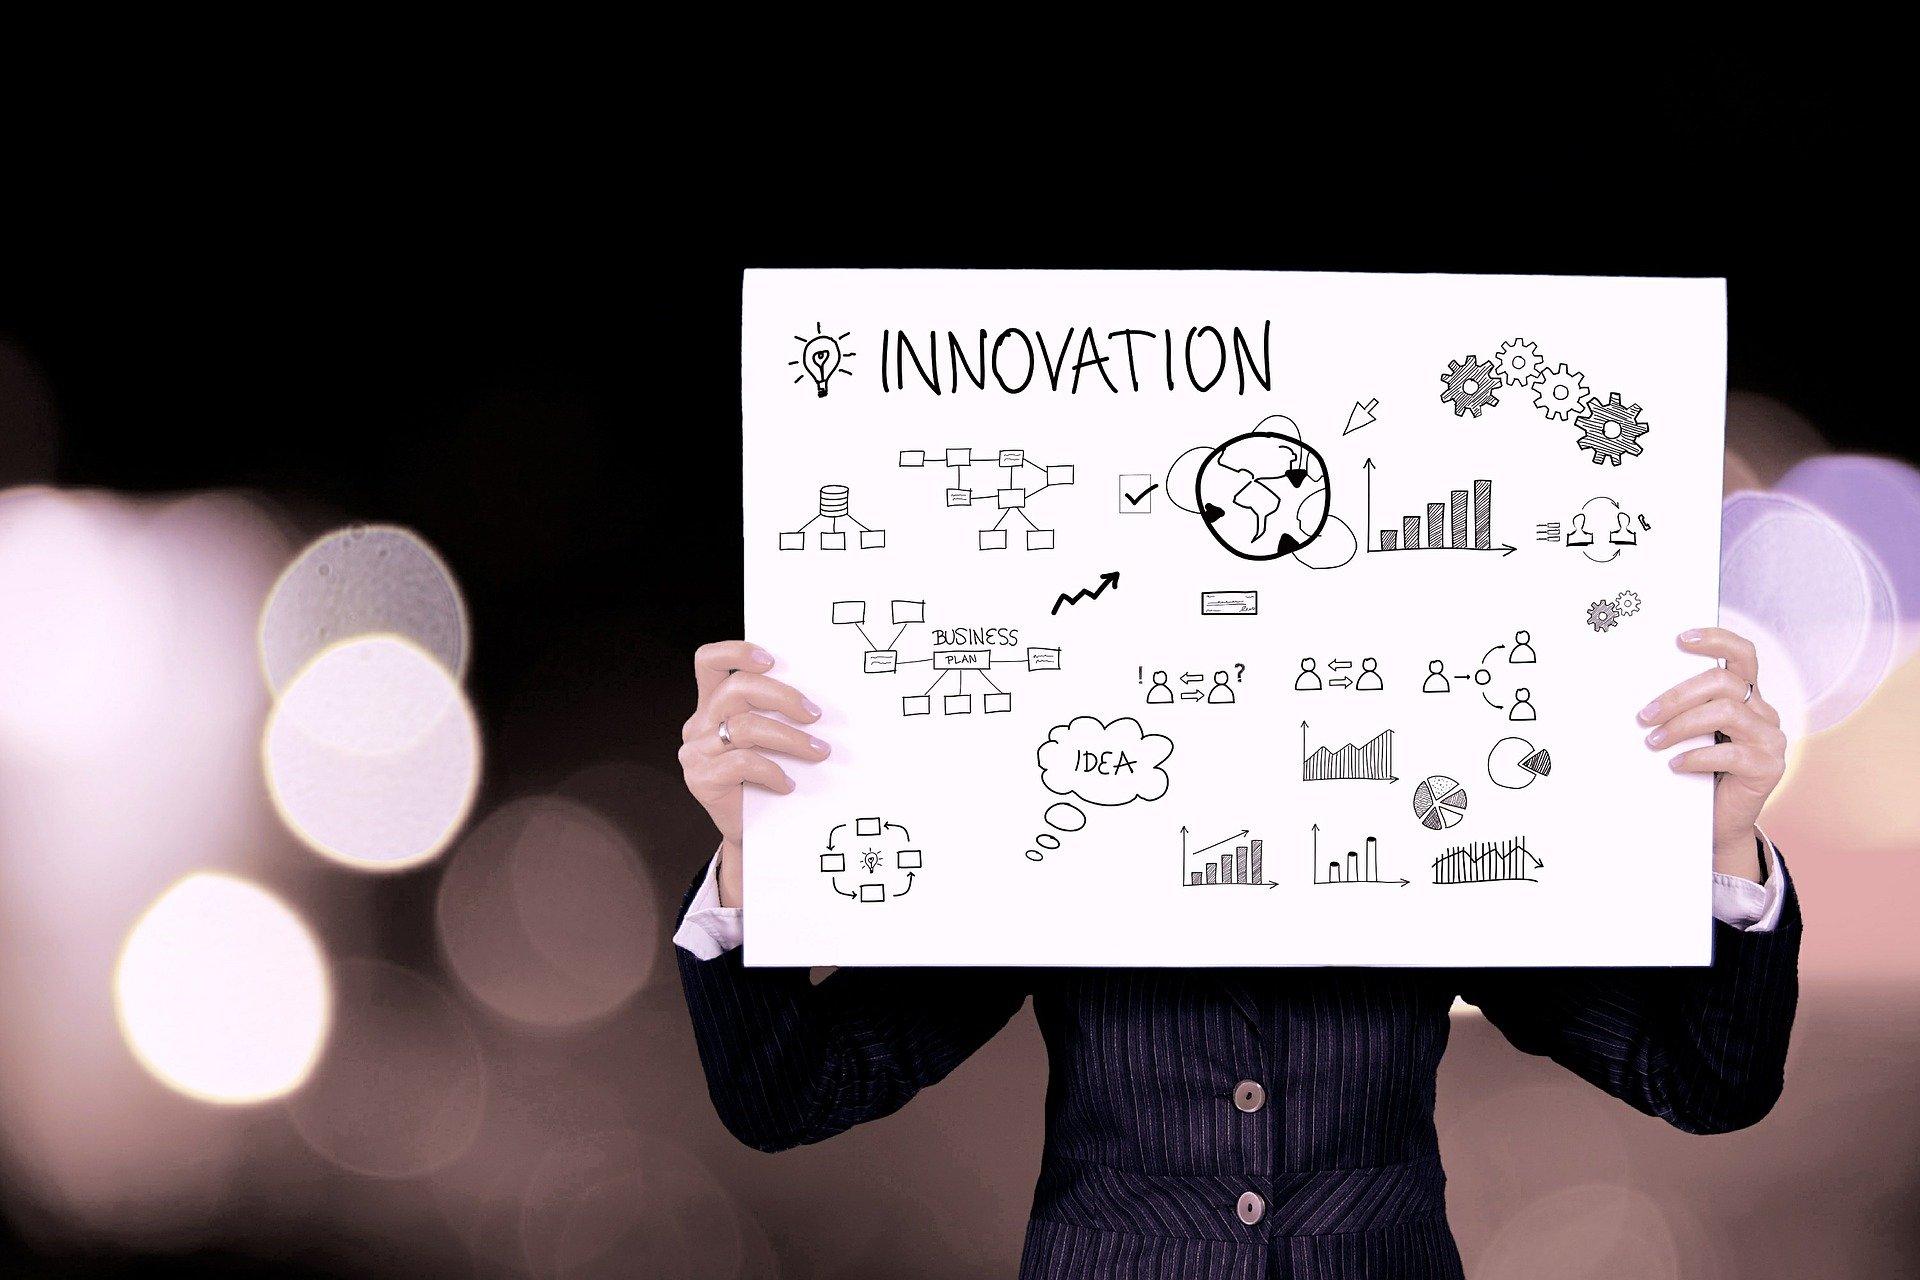 12684 innovation 561388 1920